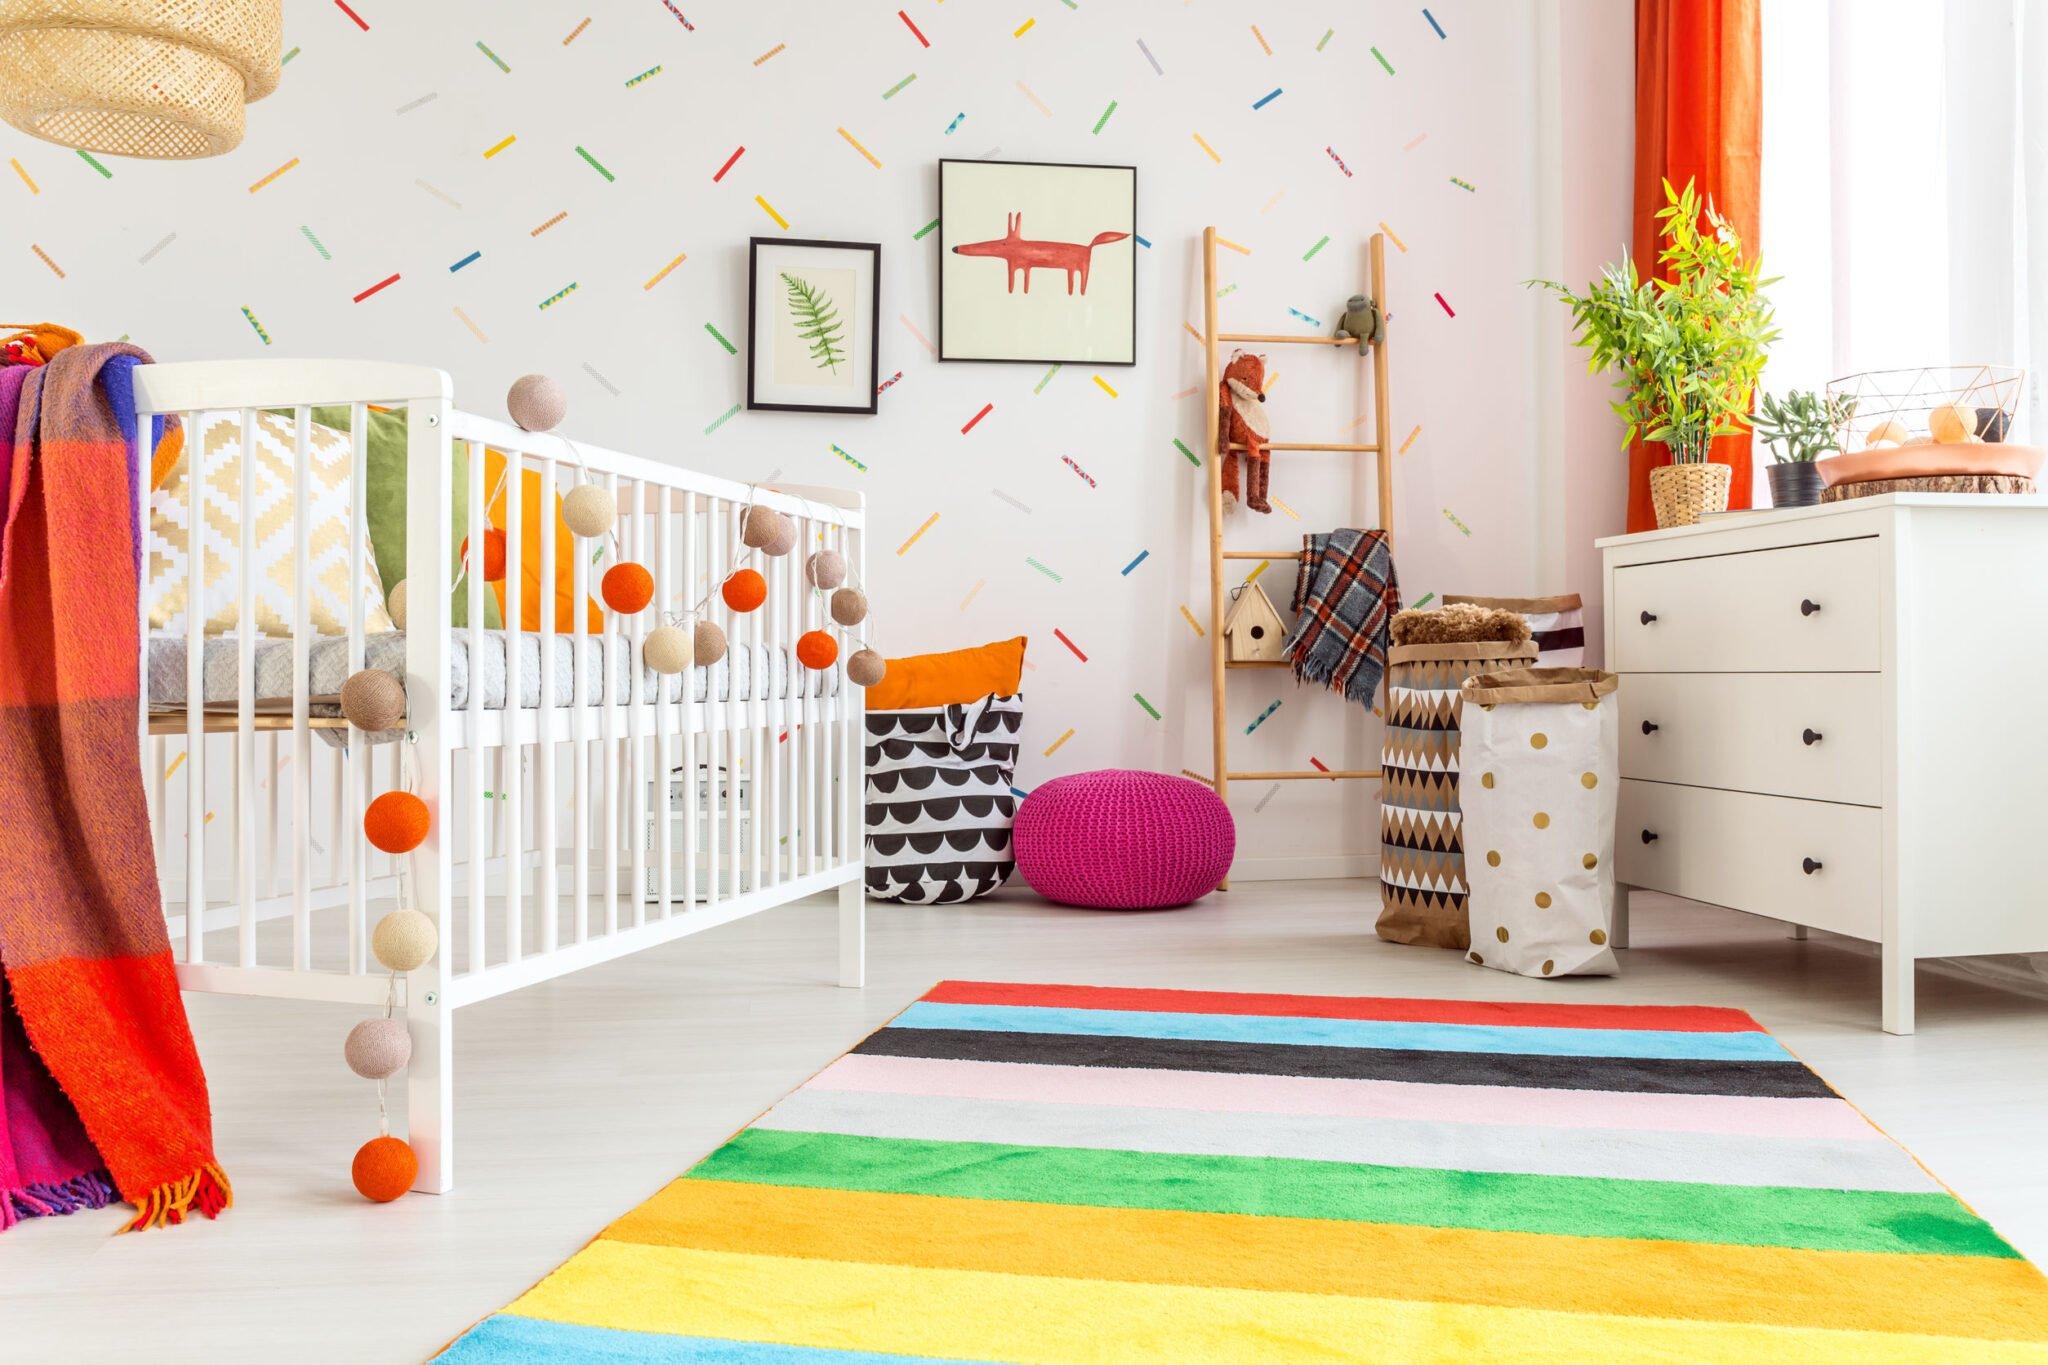 Kosten babykamer: Wat kost een babykamer precies? - Mamaliefde.nl